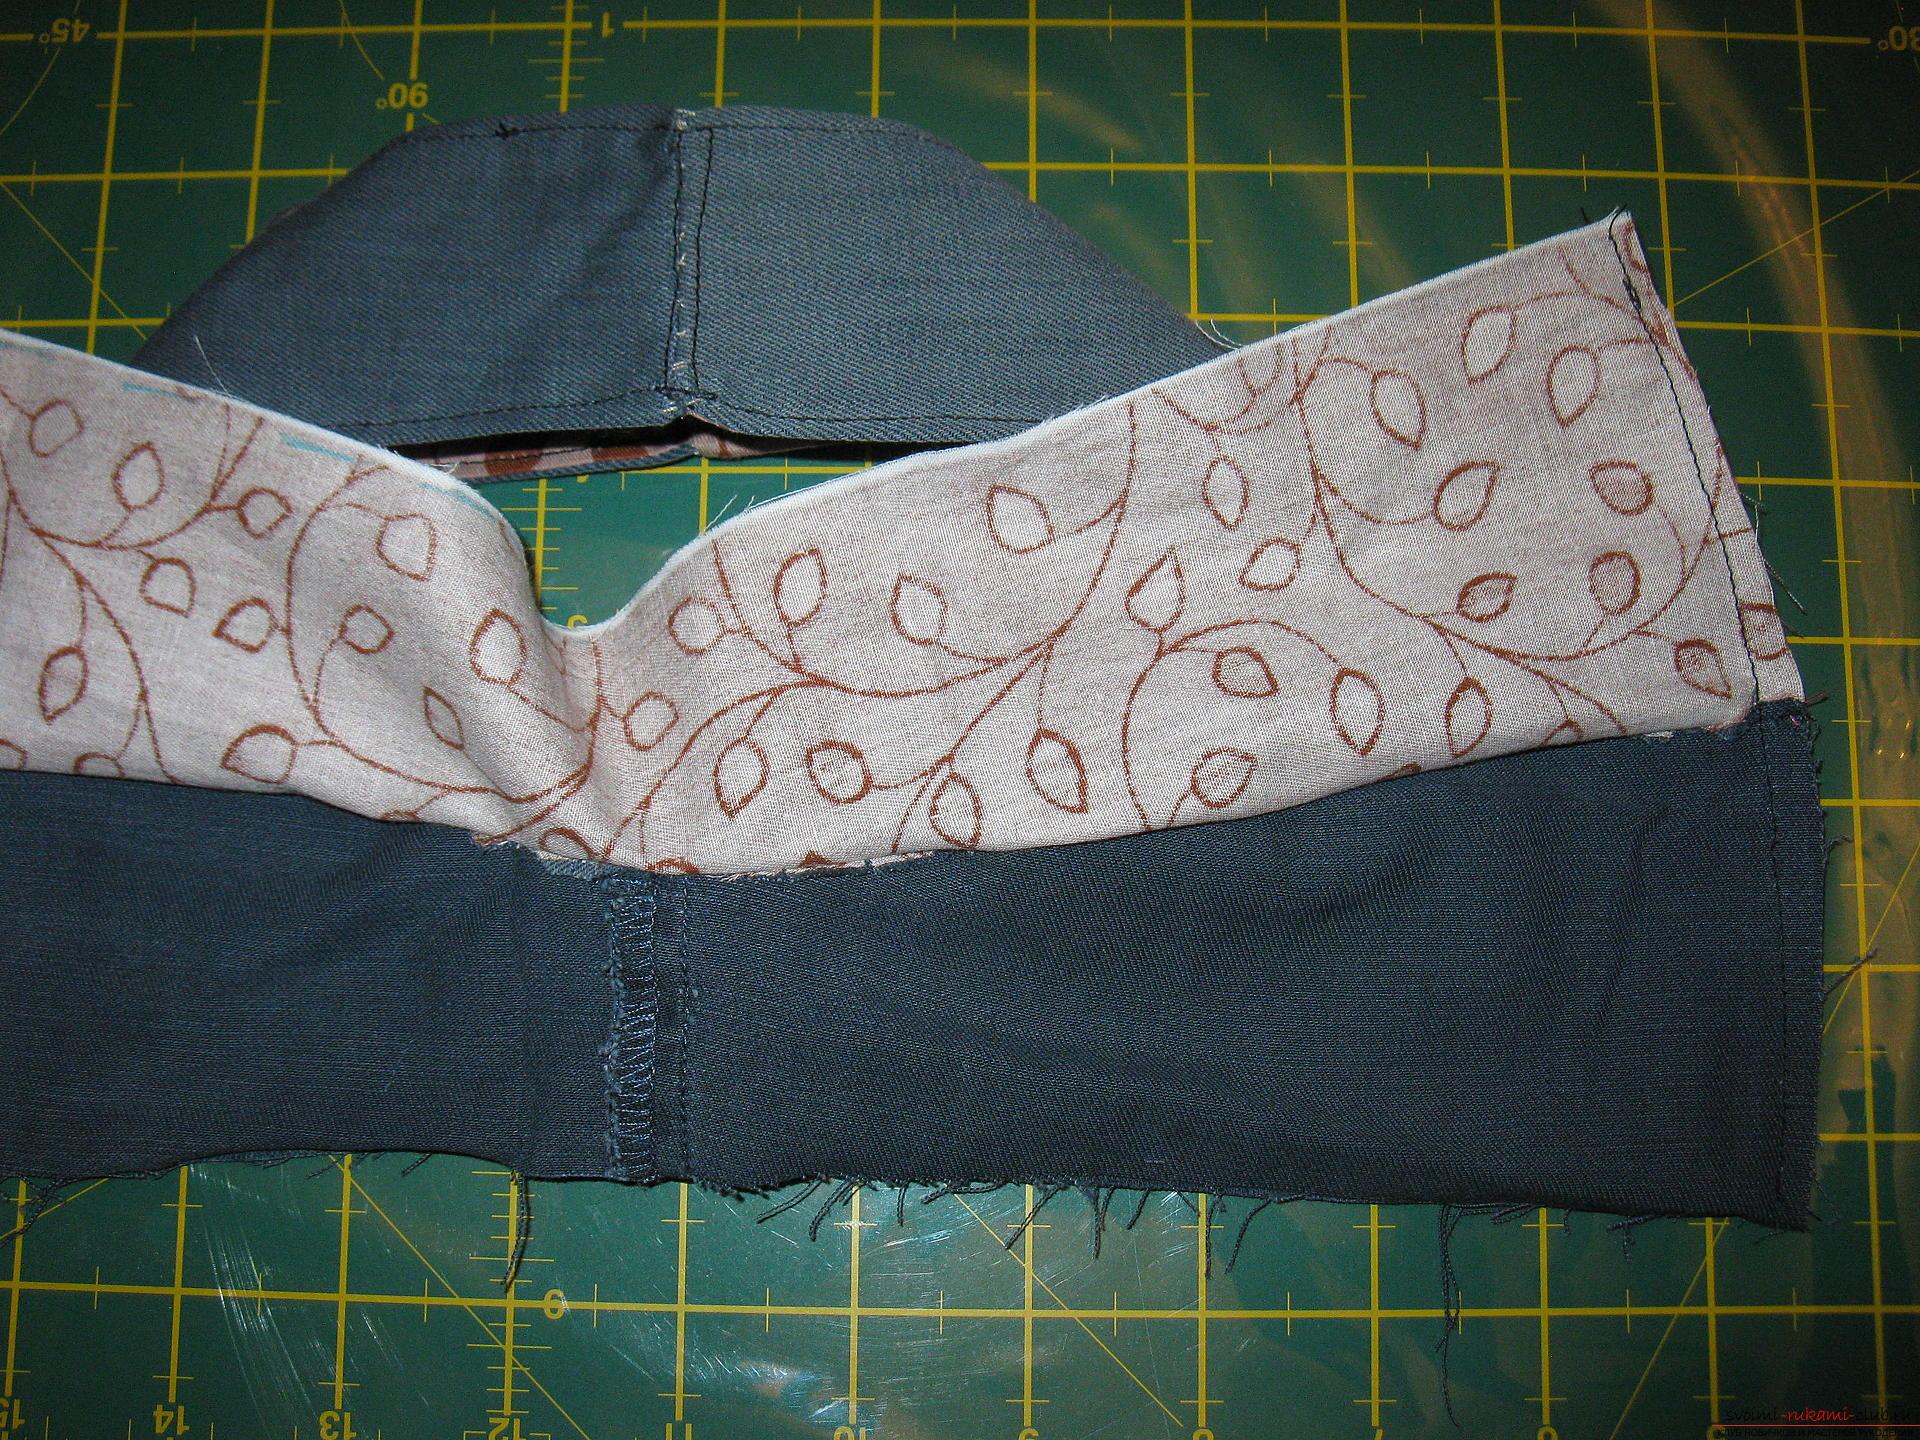 Stapsgewijze foto's van de les over het naaien van een boodschappentas. Fotonummer 11